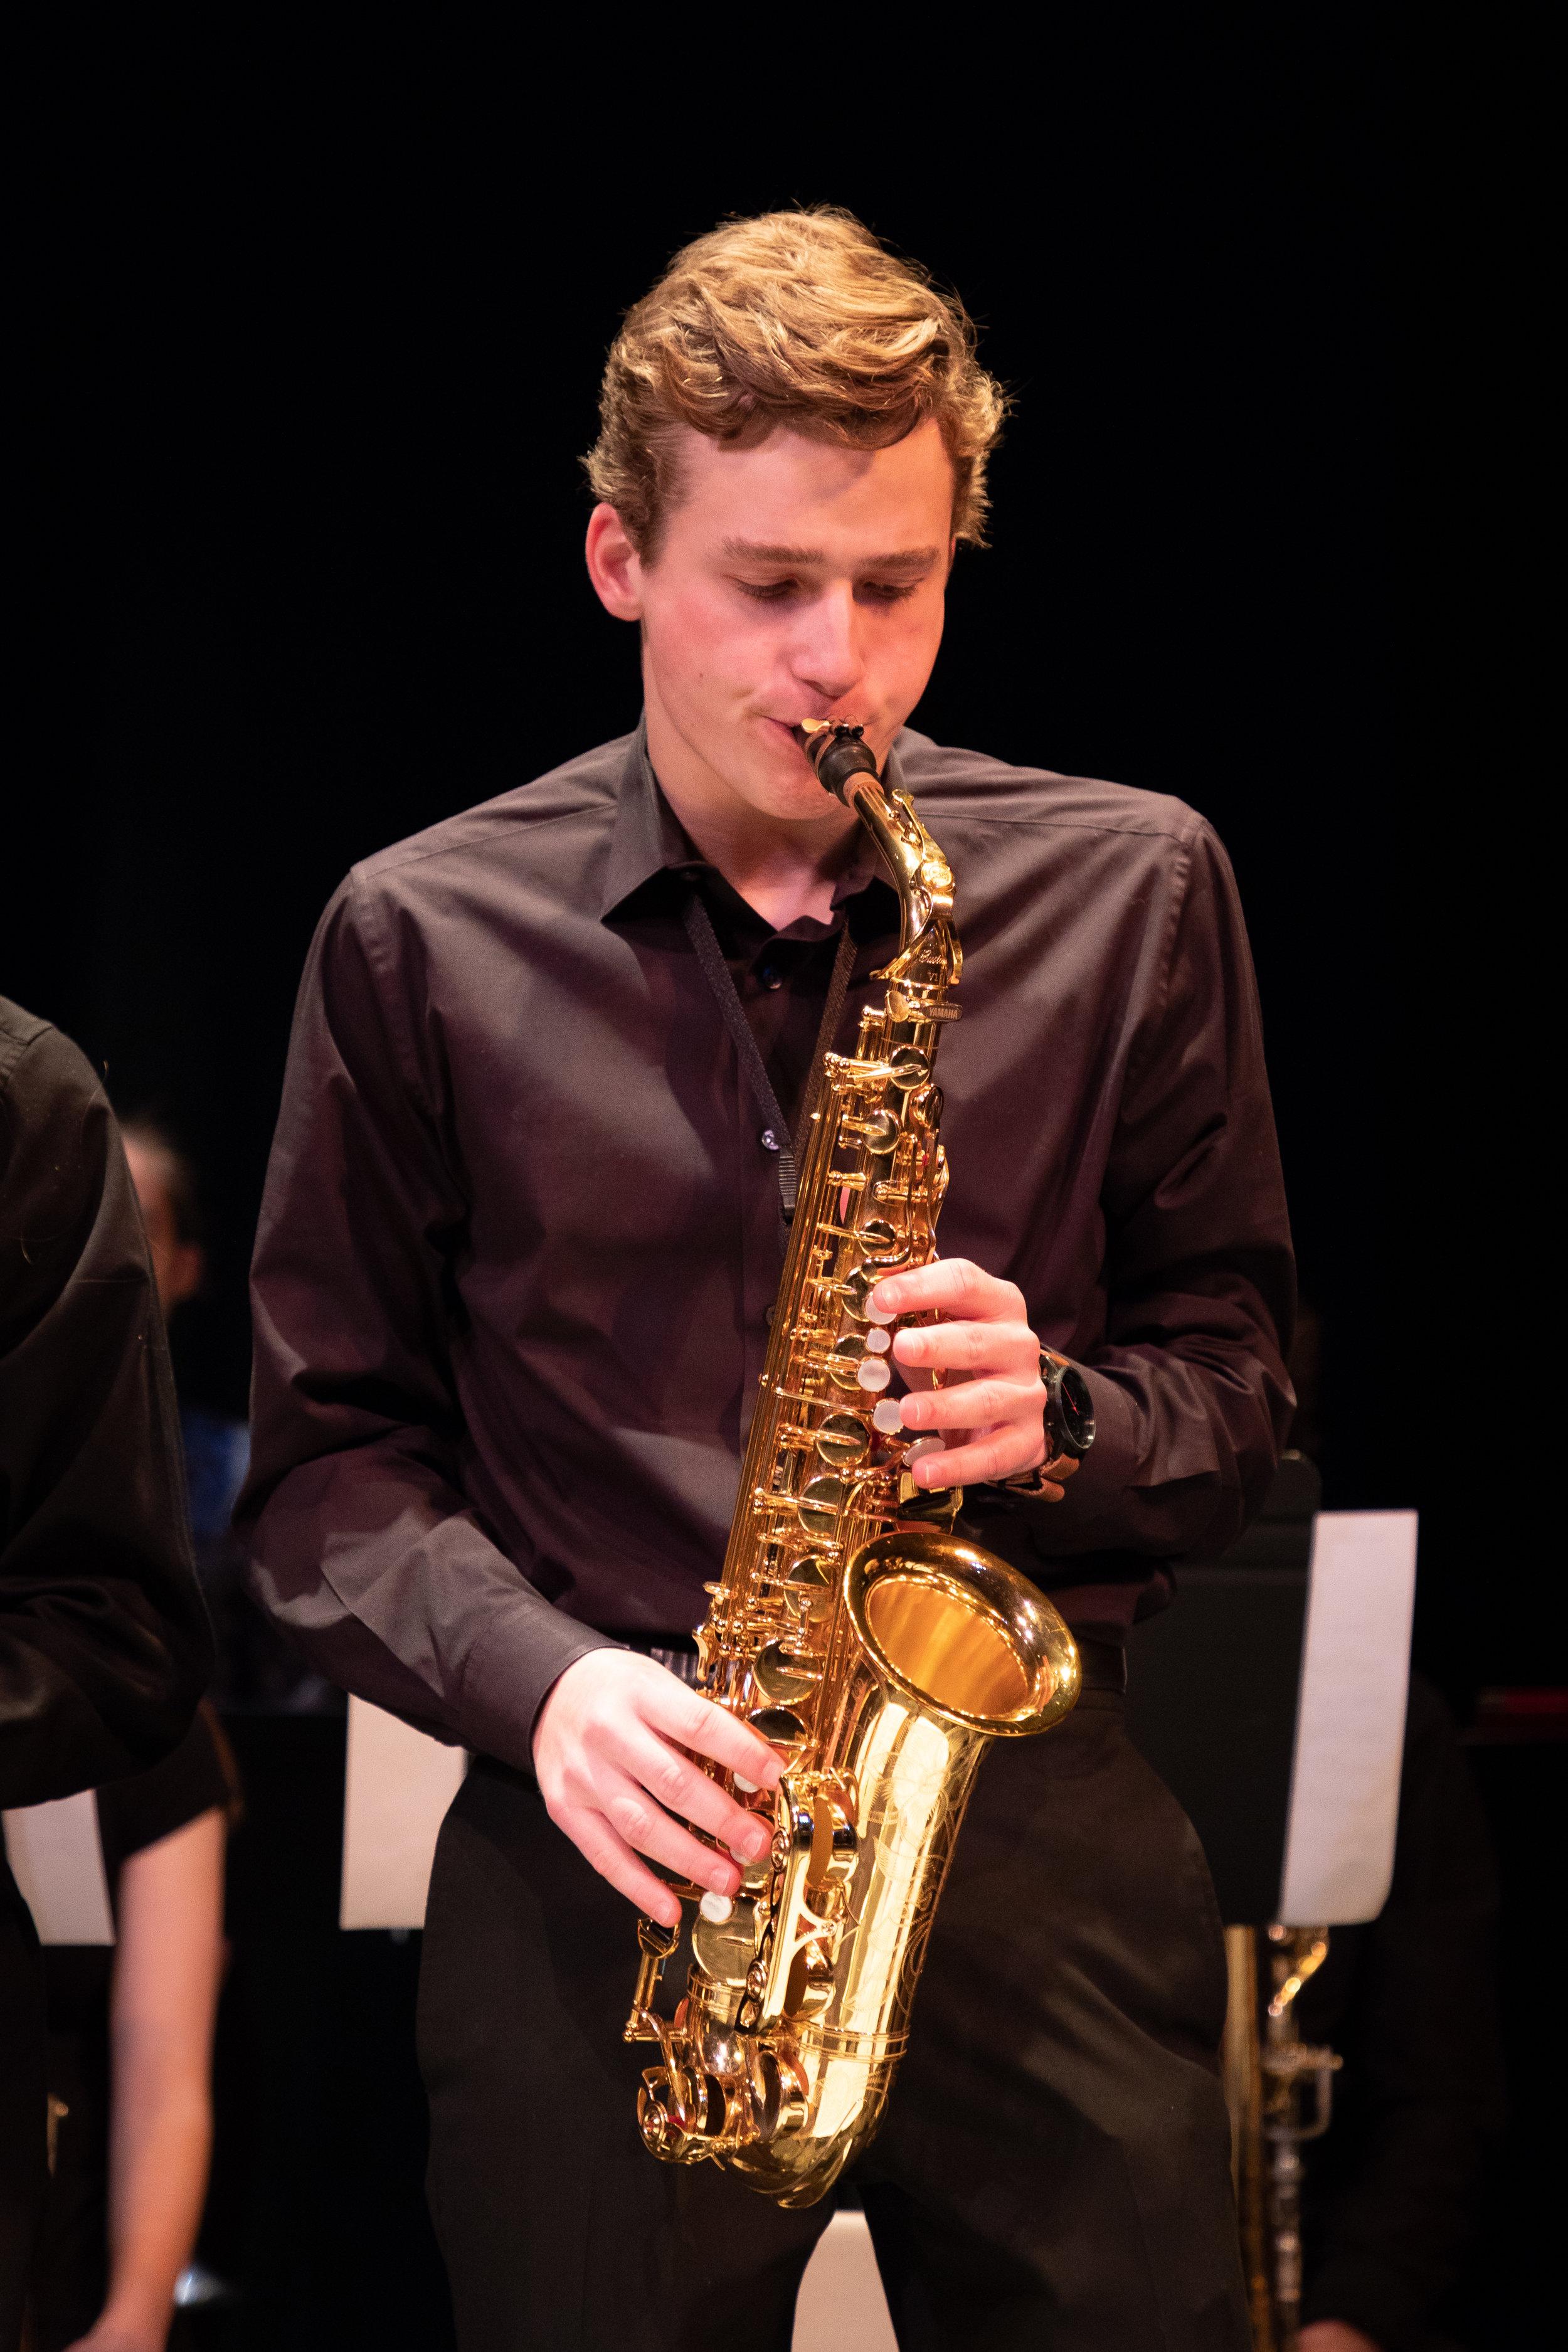 uwmusic-jazzhonorsband-042718-9356.jpg